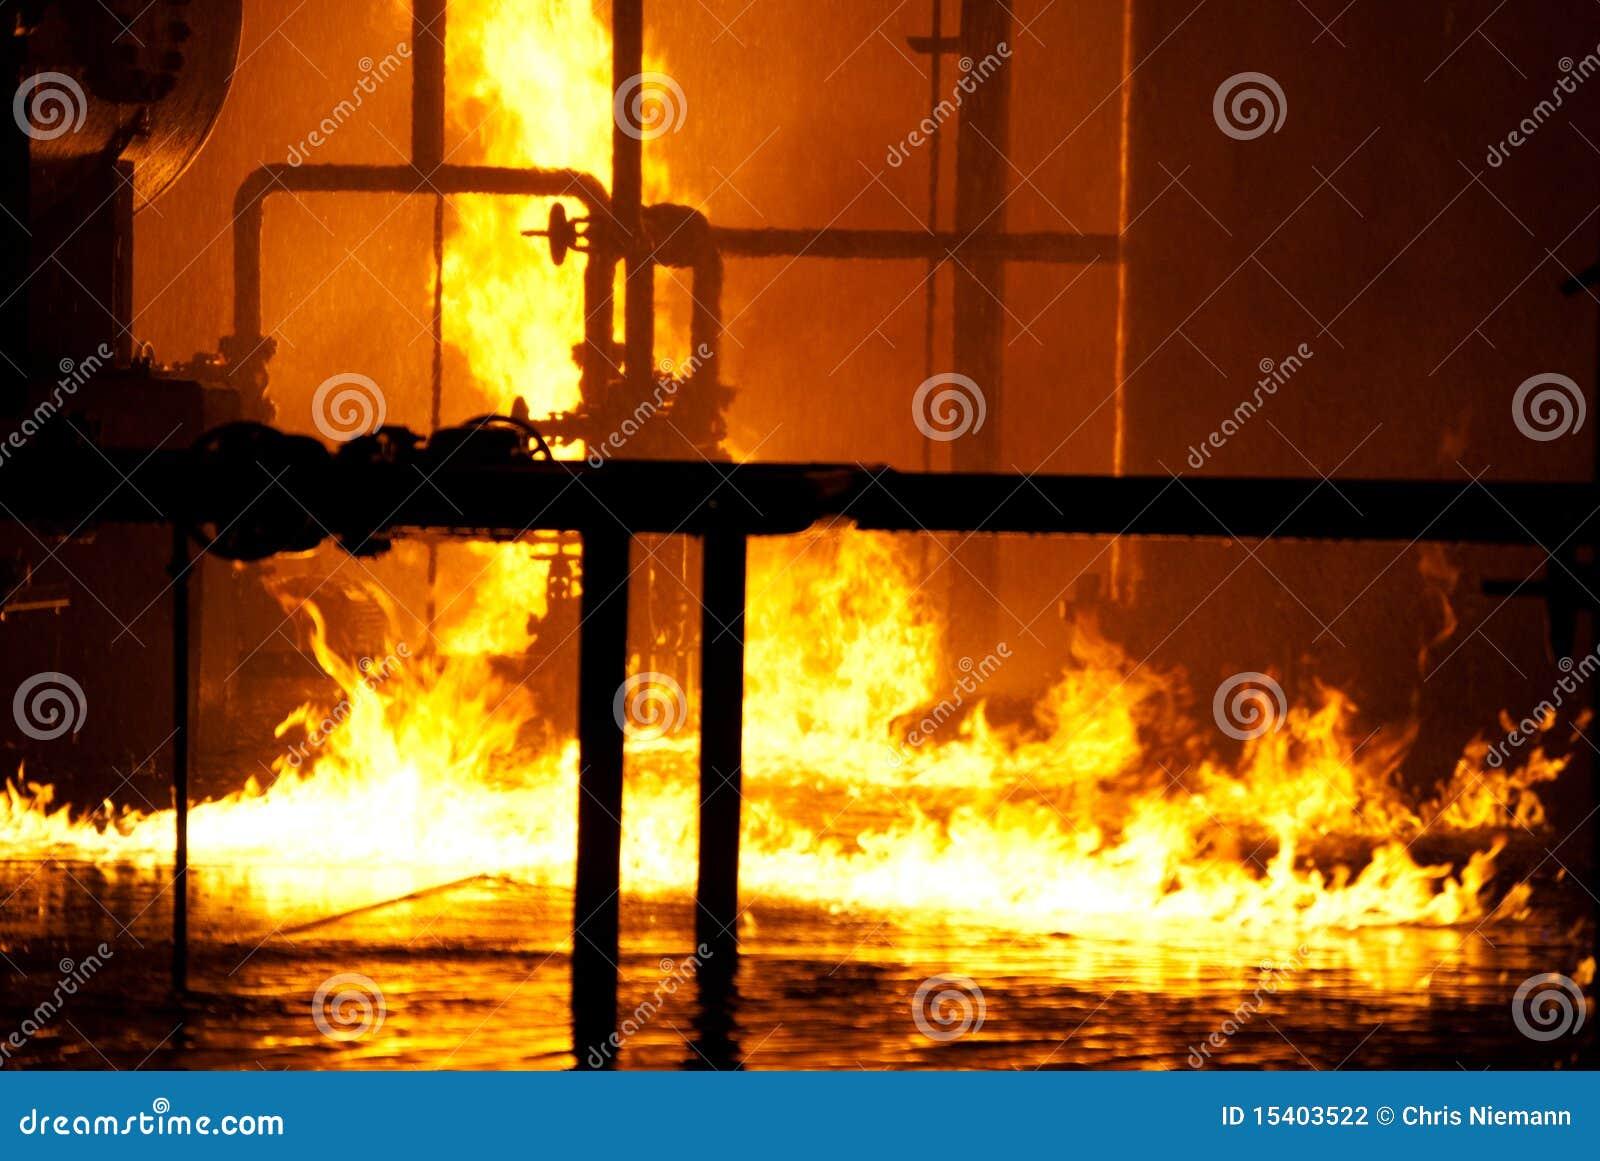 пожар промышленный